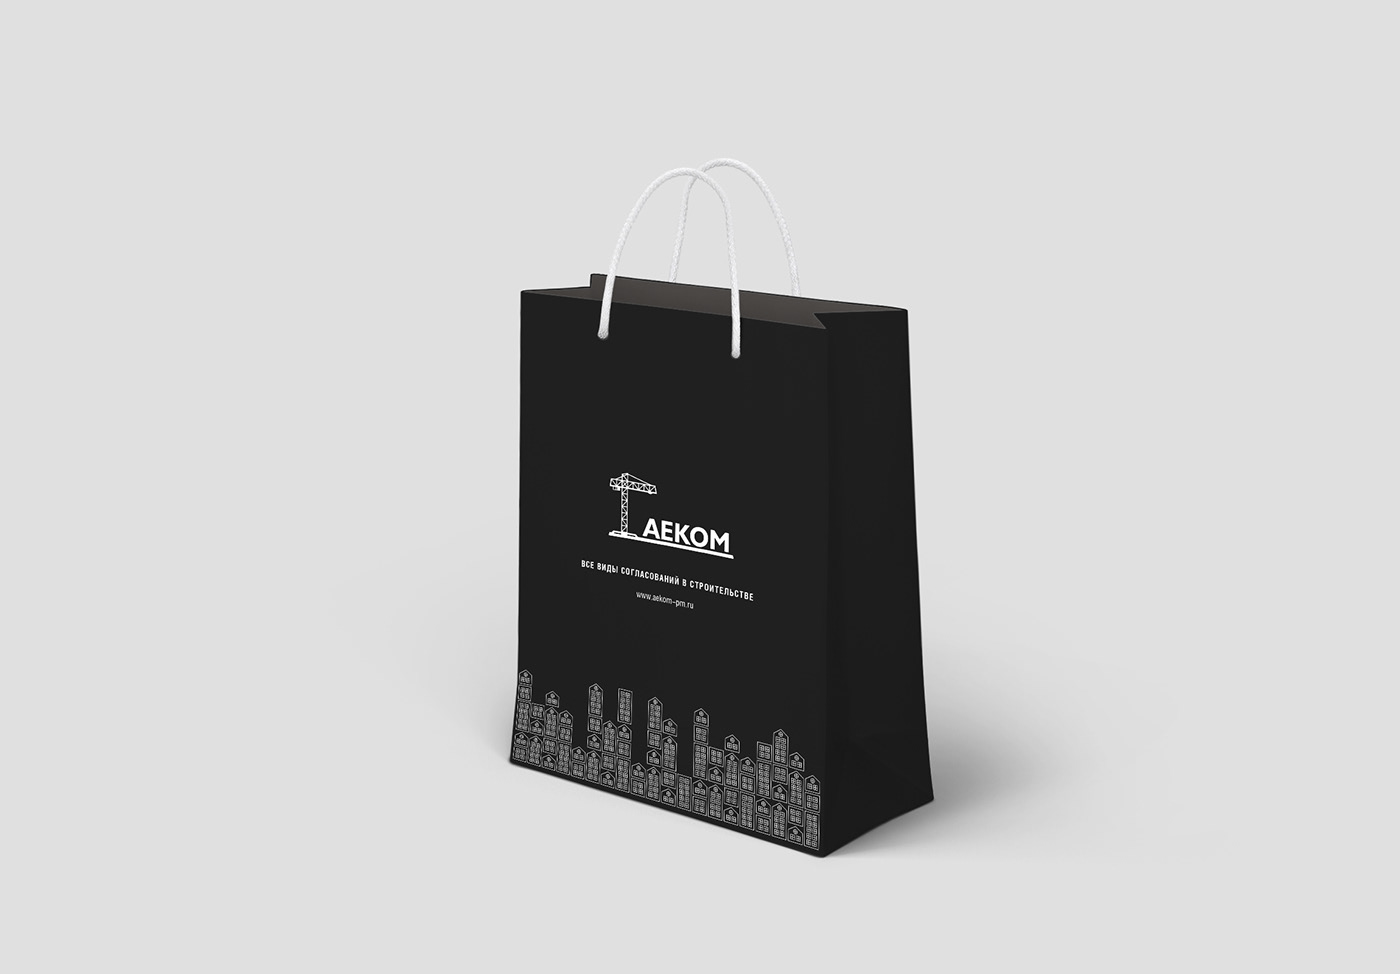 строительство фирменный стиль логотип паттерн визитки brandbook